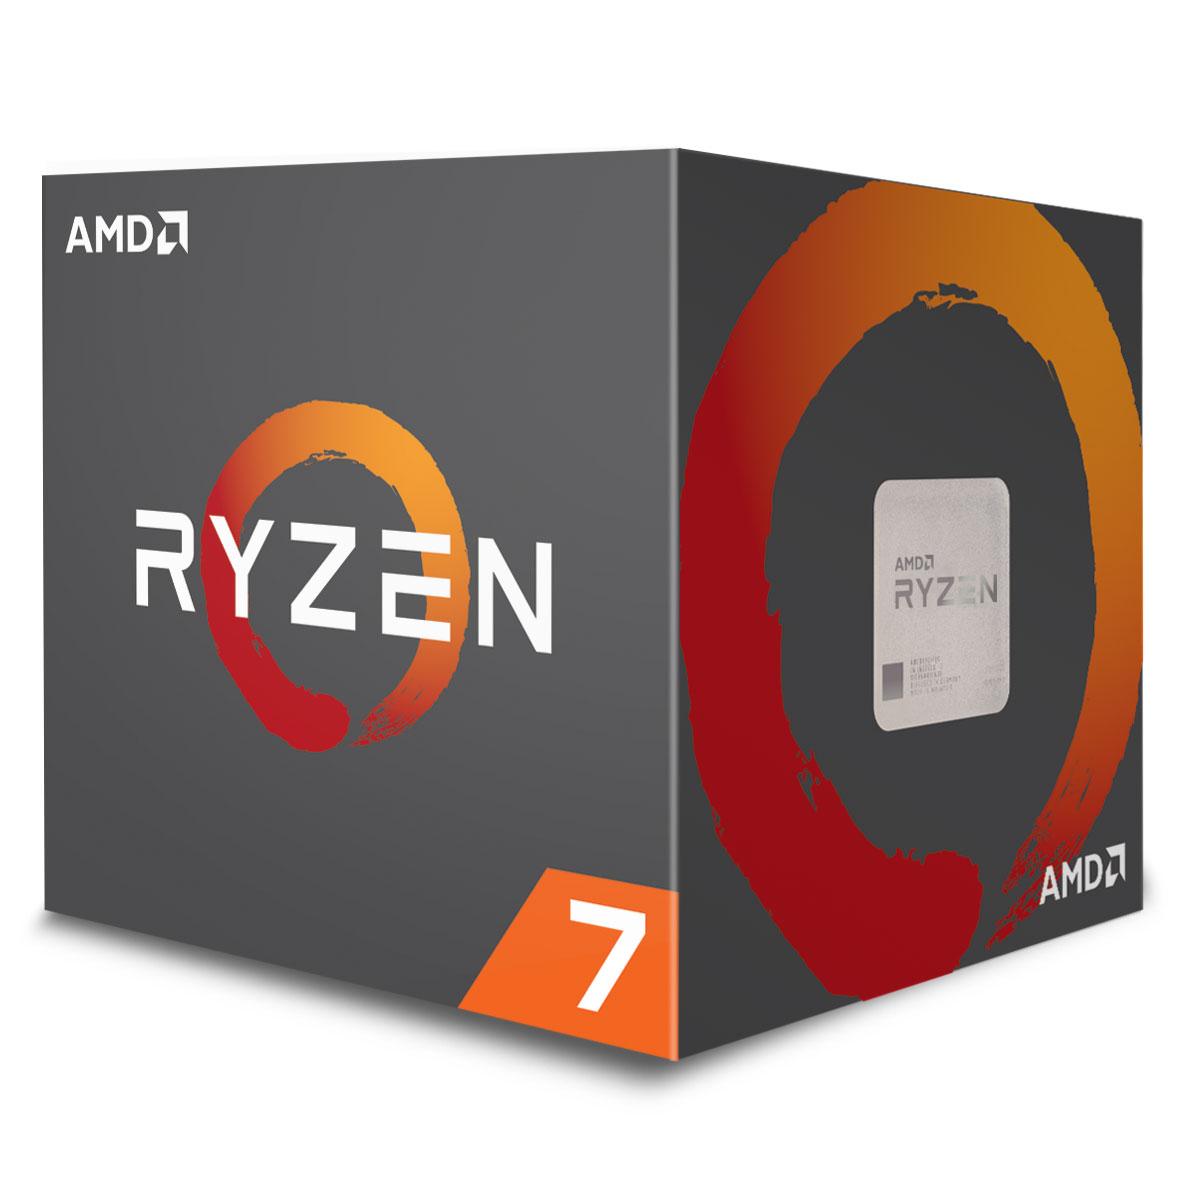 Processeur AMD Ryzen 7 1700 Wraith Spire Edition (3.0 GHz) Processeur 8-Core socket AM4 Cache L3 16 Mo 0.014 micron TDP 65W avec système de refroidissement (version boîte - garantie constructeur 3 ans)